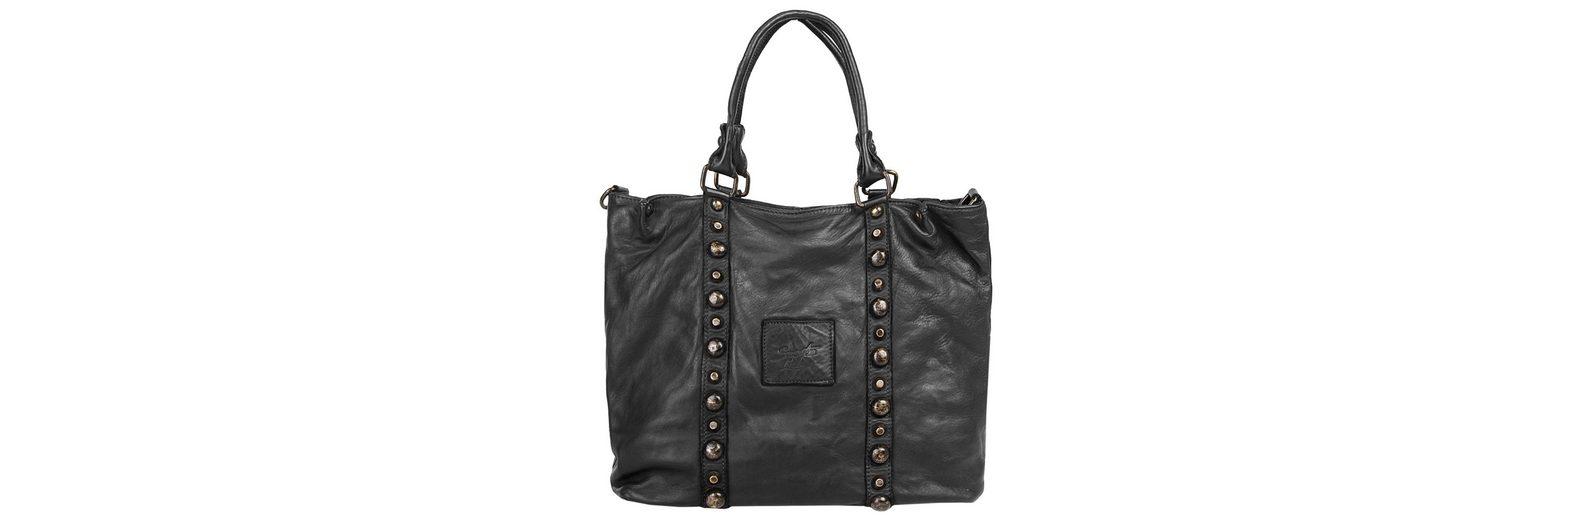 Samantha Look Shopper Extrem Verkauf Online KEo38So